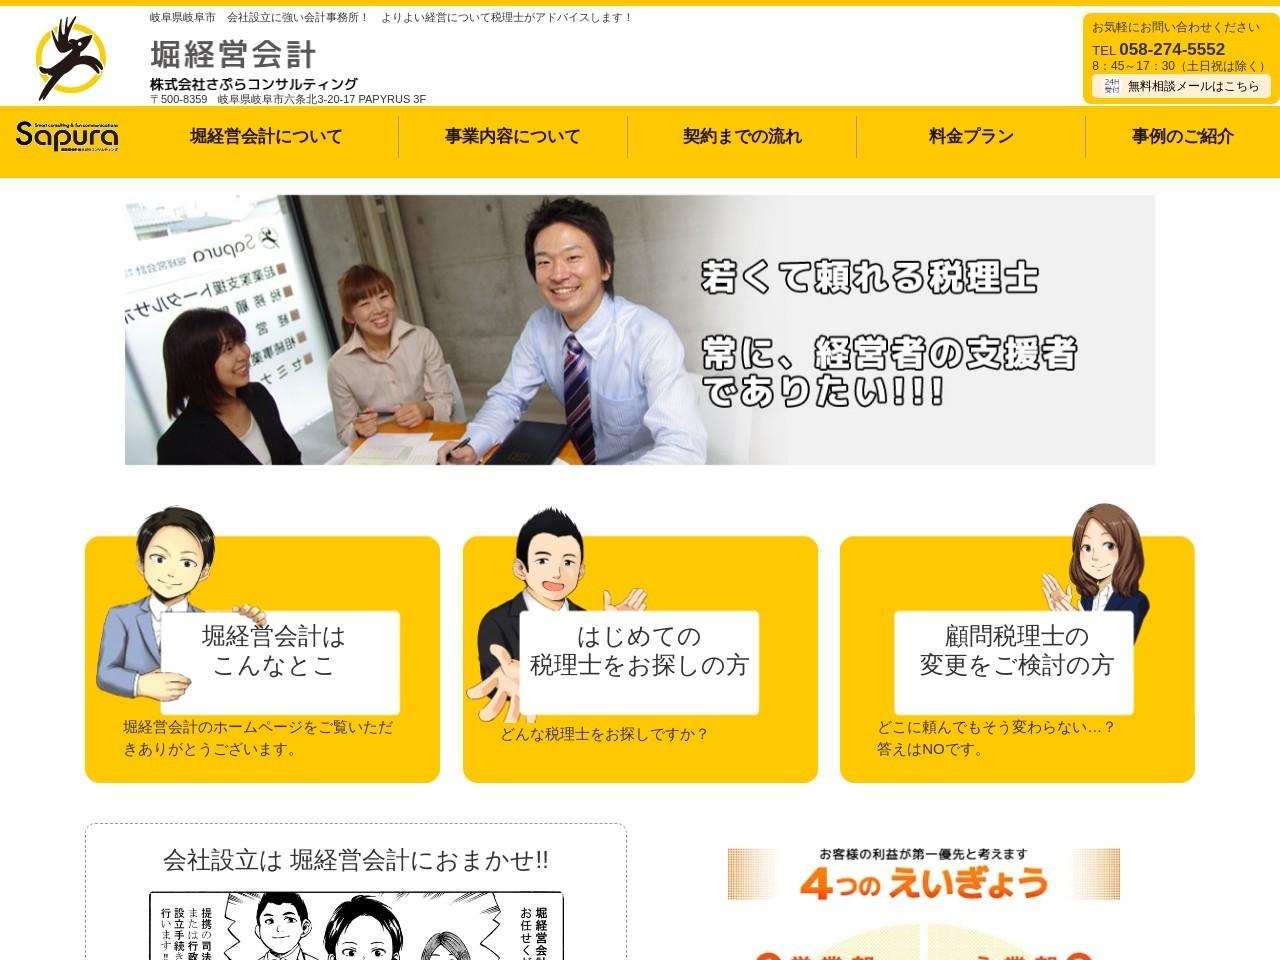 堀佳一税理士事務所